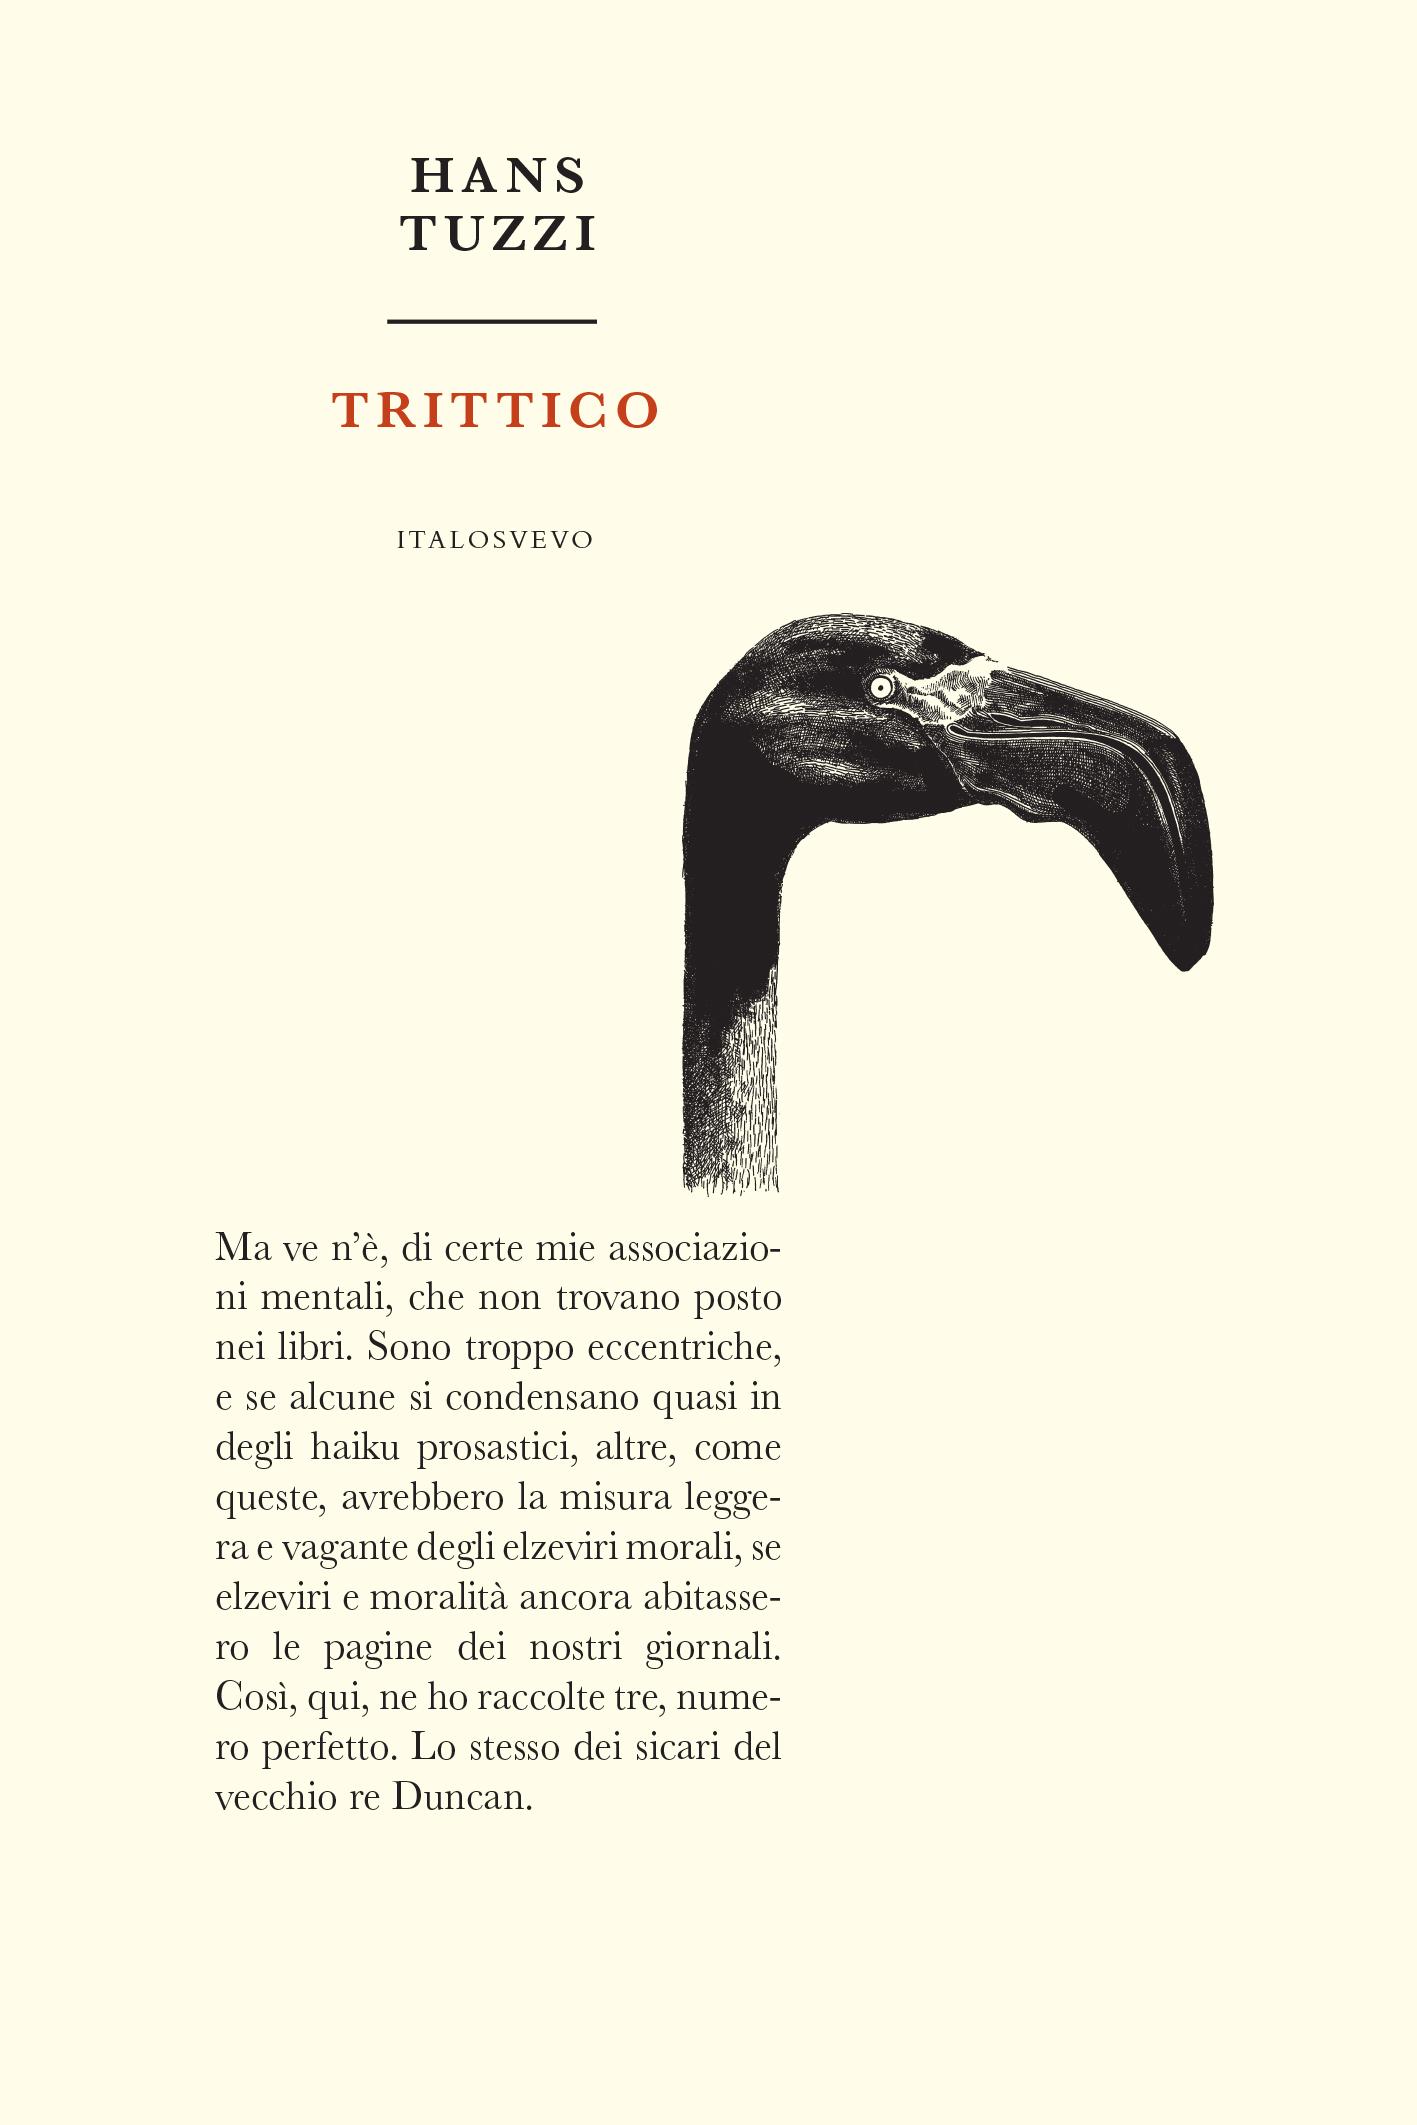 Italo Svevo Edizioni - Trittico - Tuzzi